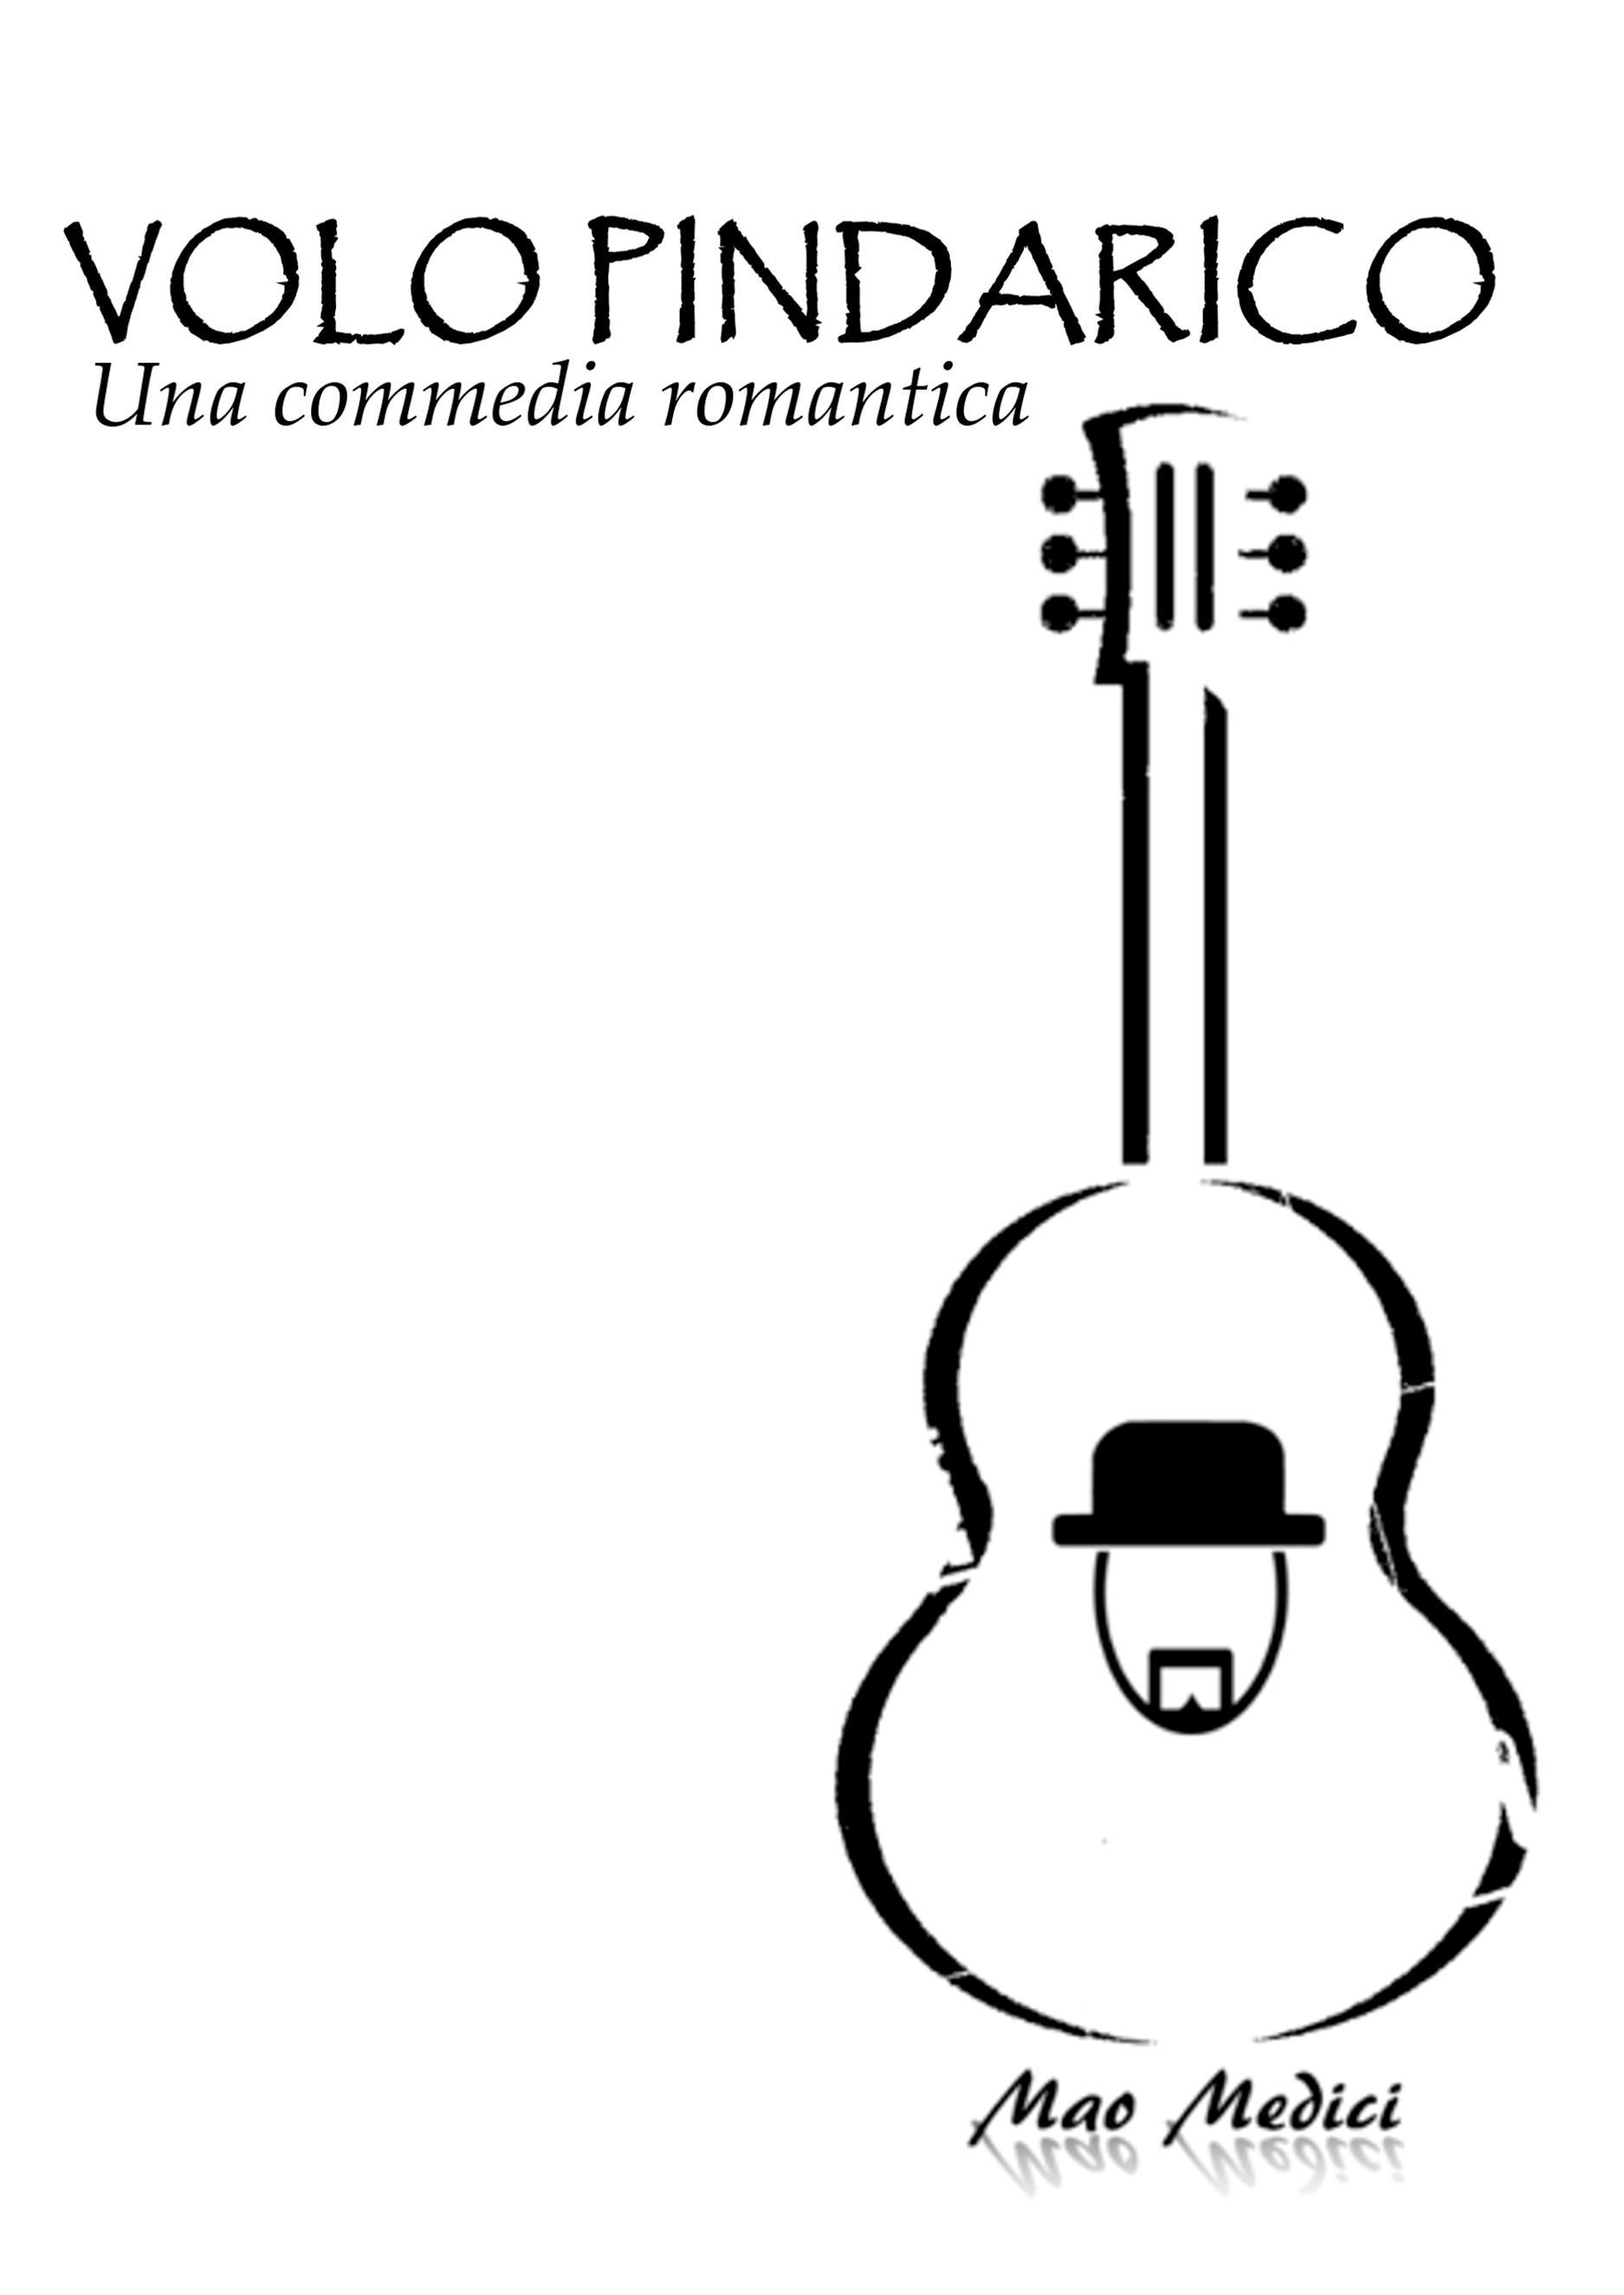 Volo Pindarico - Una commedia romantica